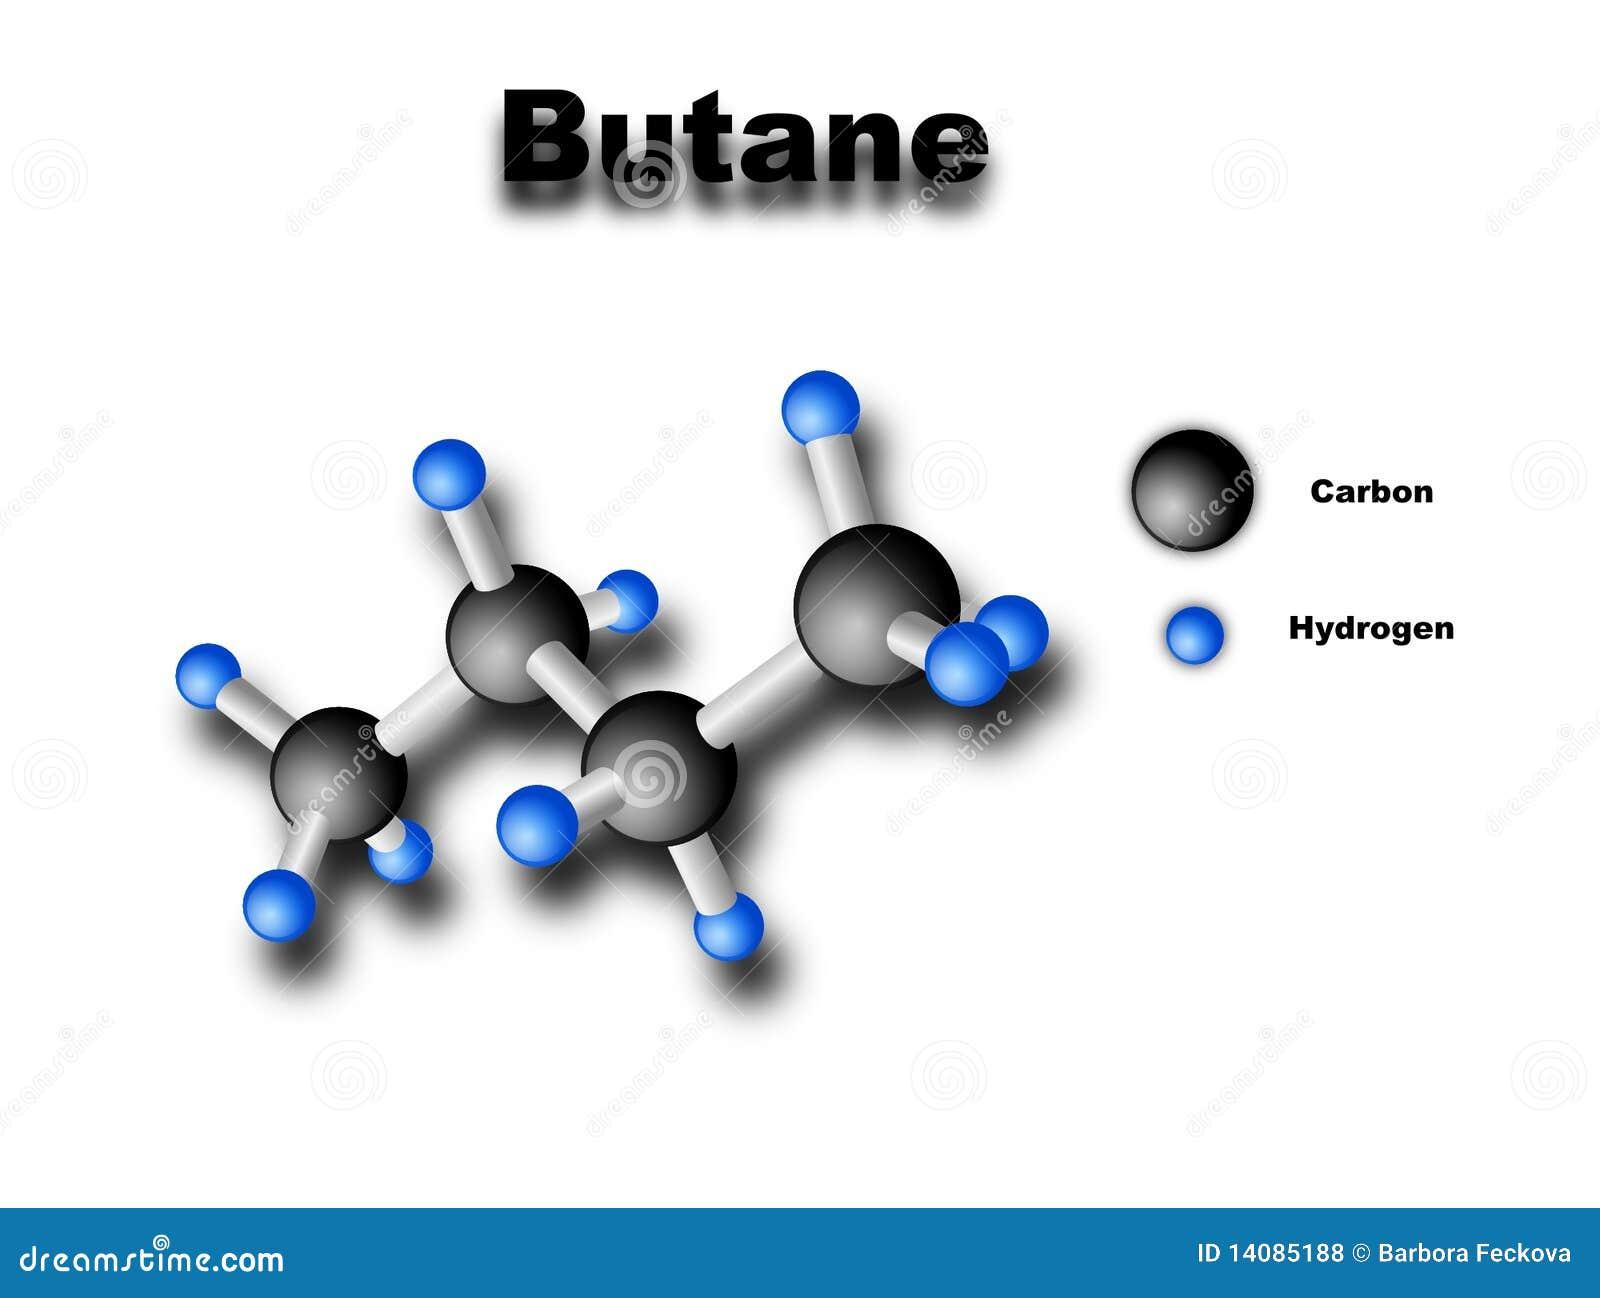 Butane Molecule Royalty Free Stock Photos